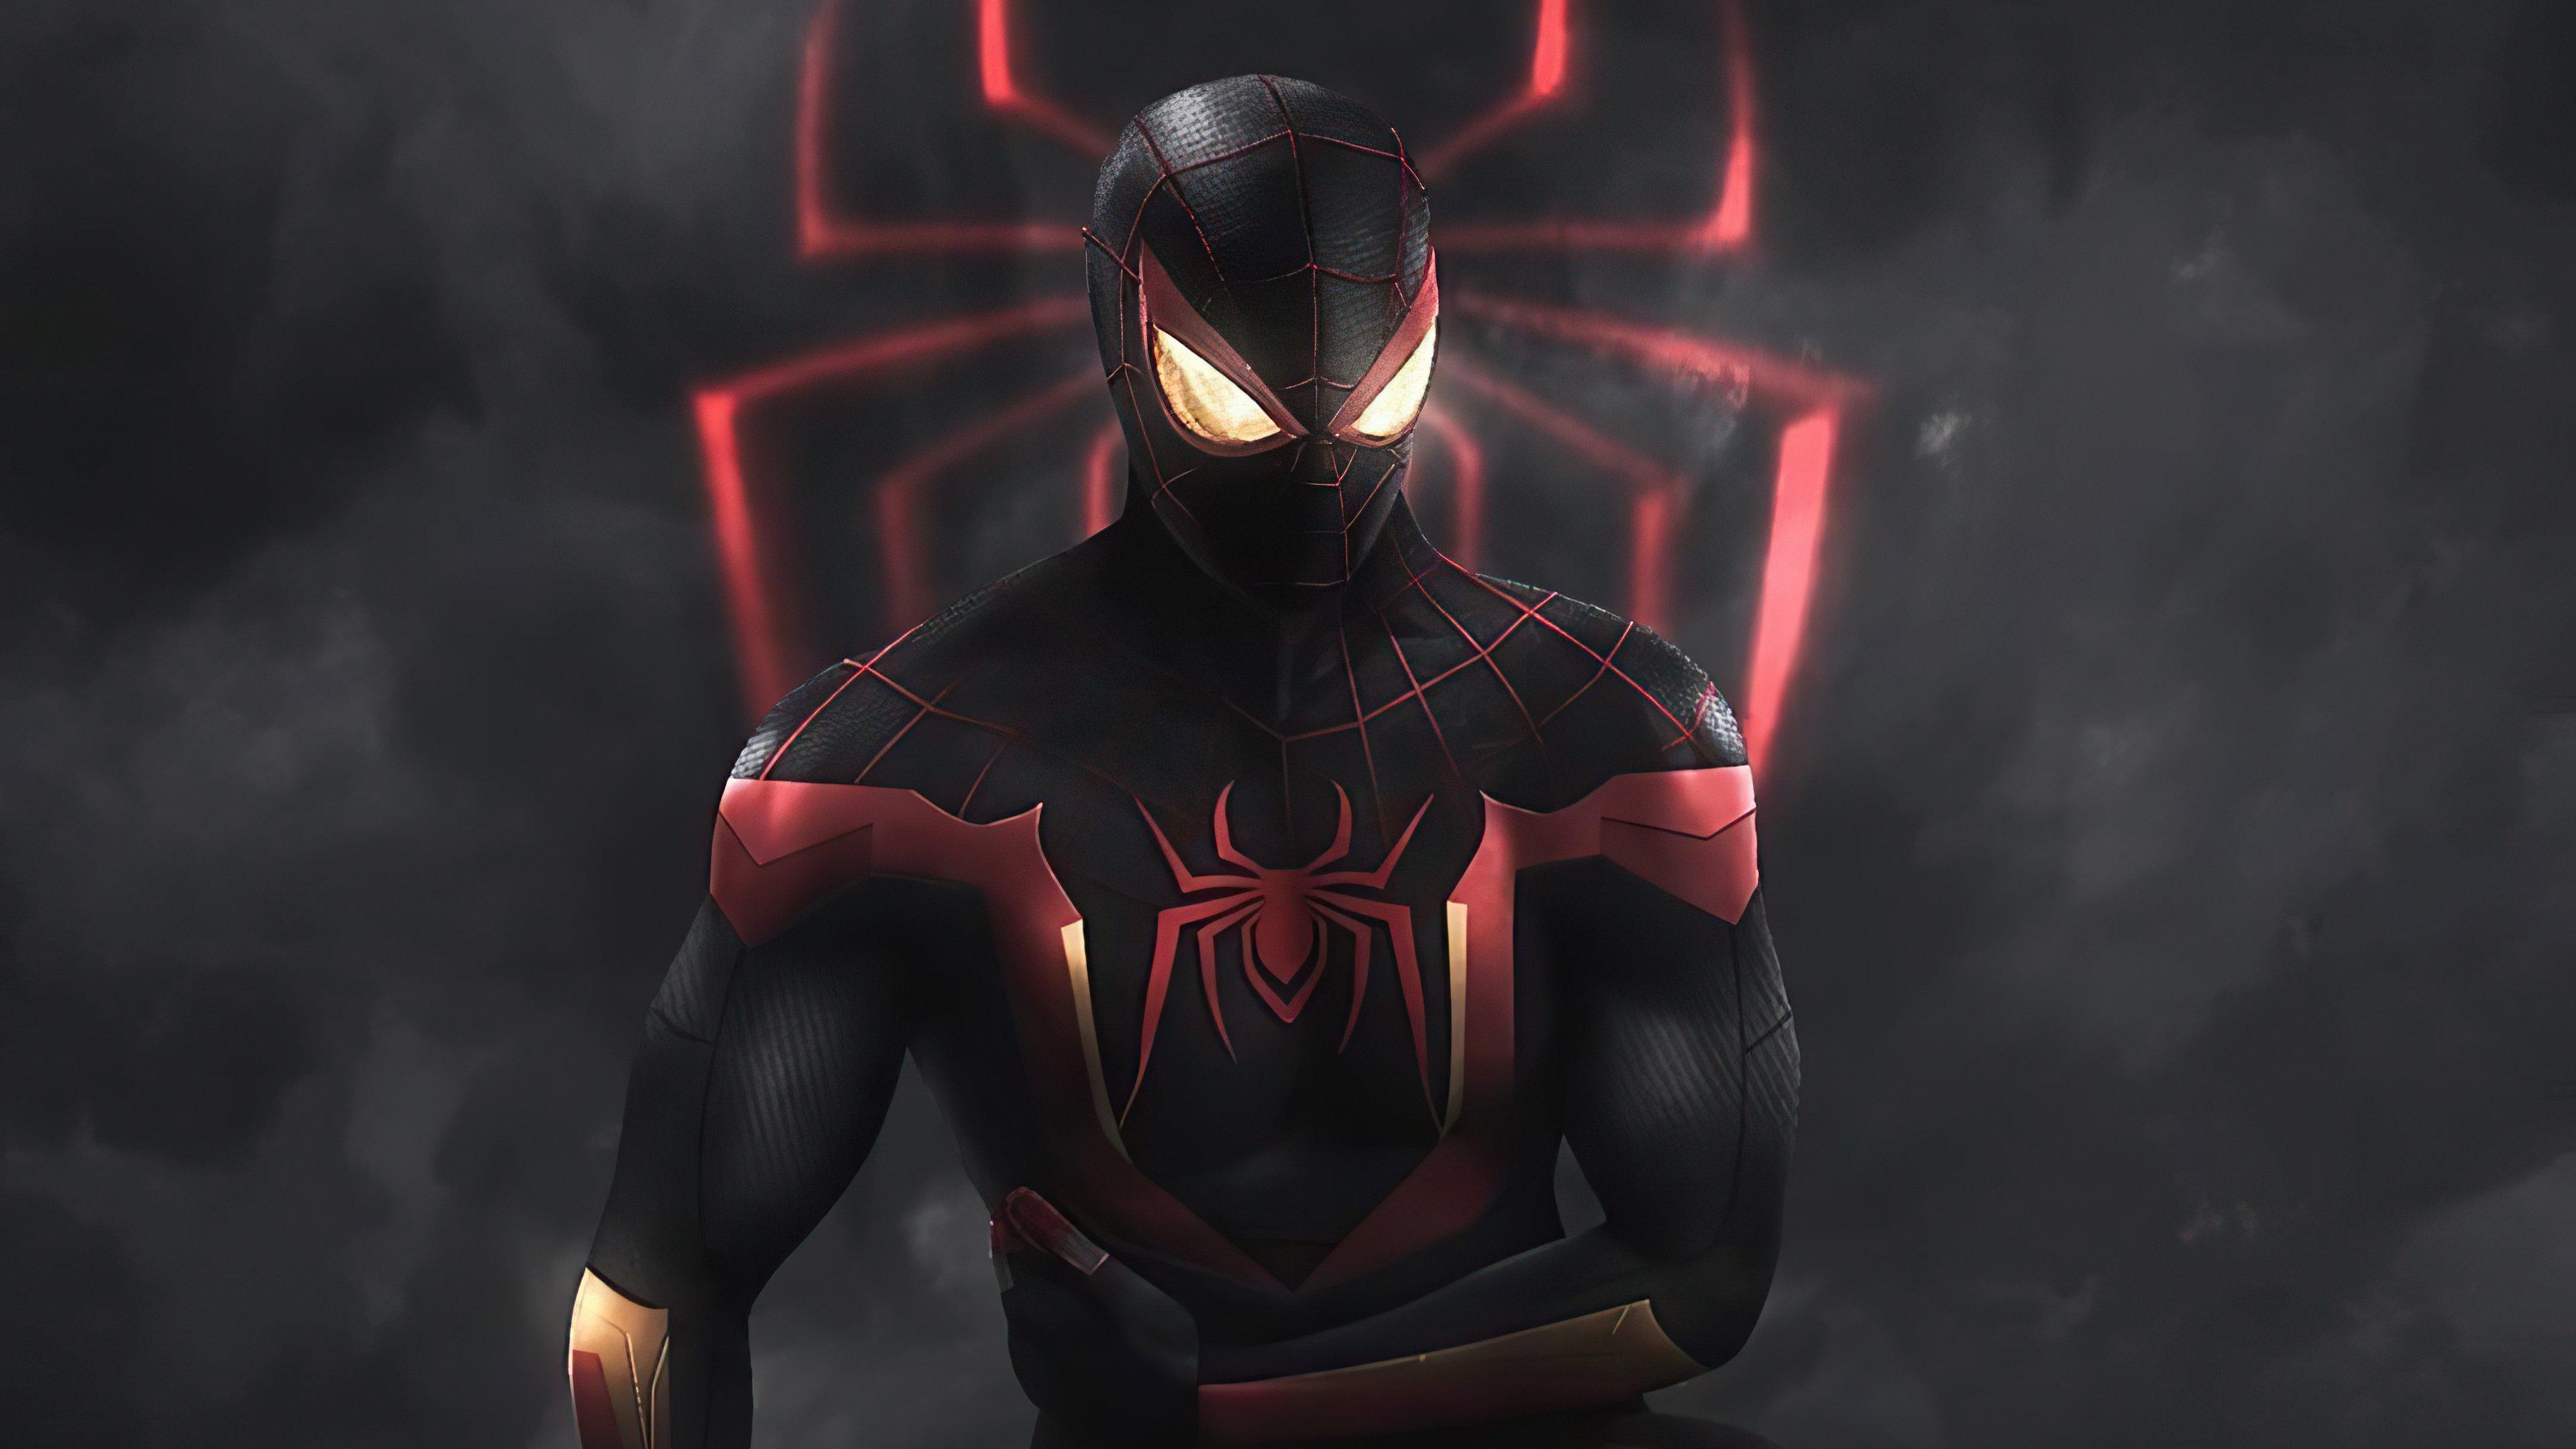 Fondos de pantalla El hombre araña con traje negro y rojo